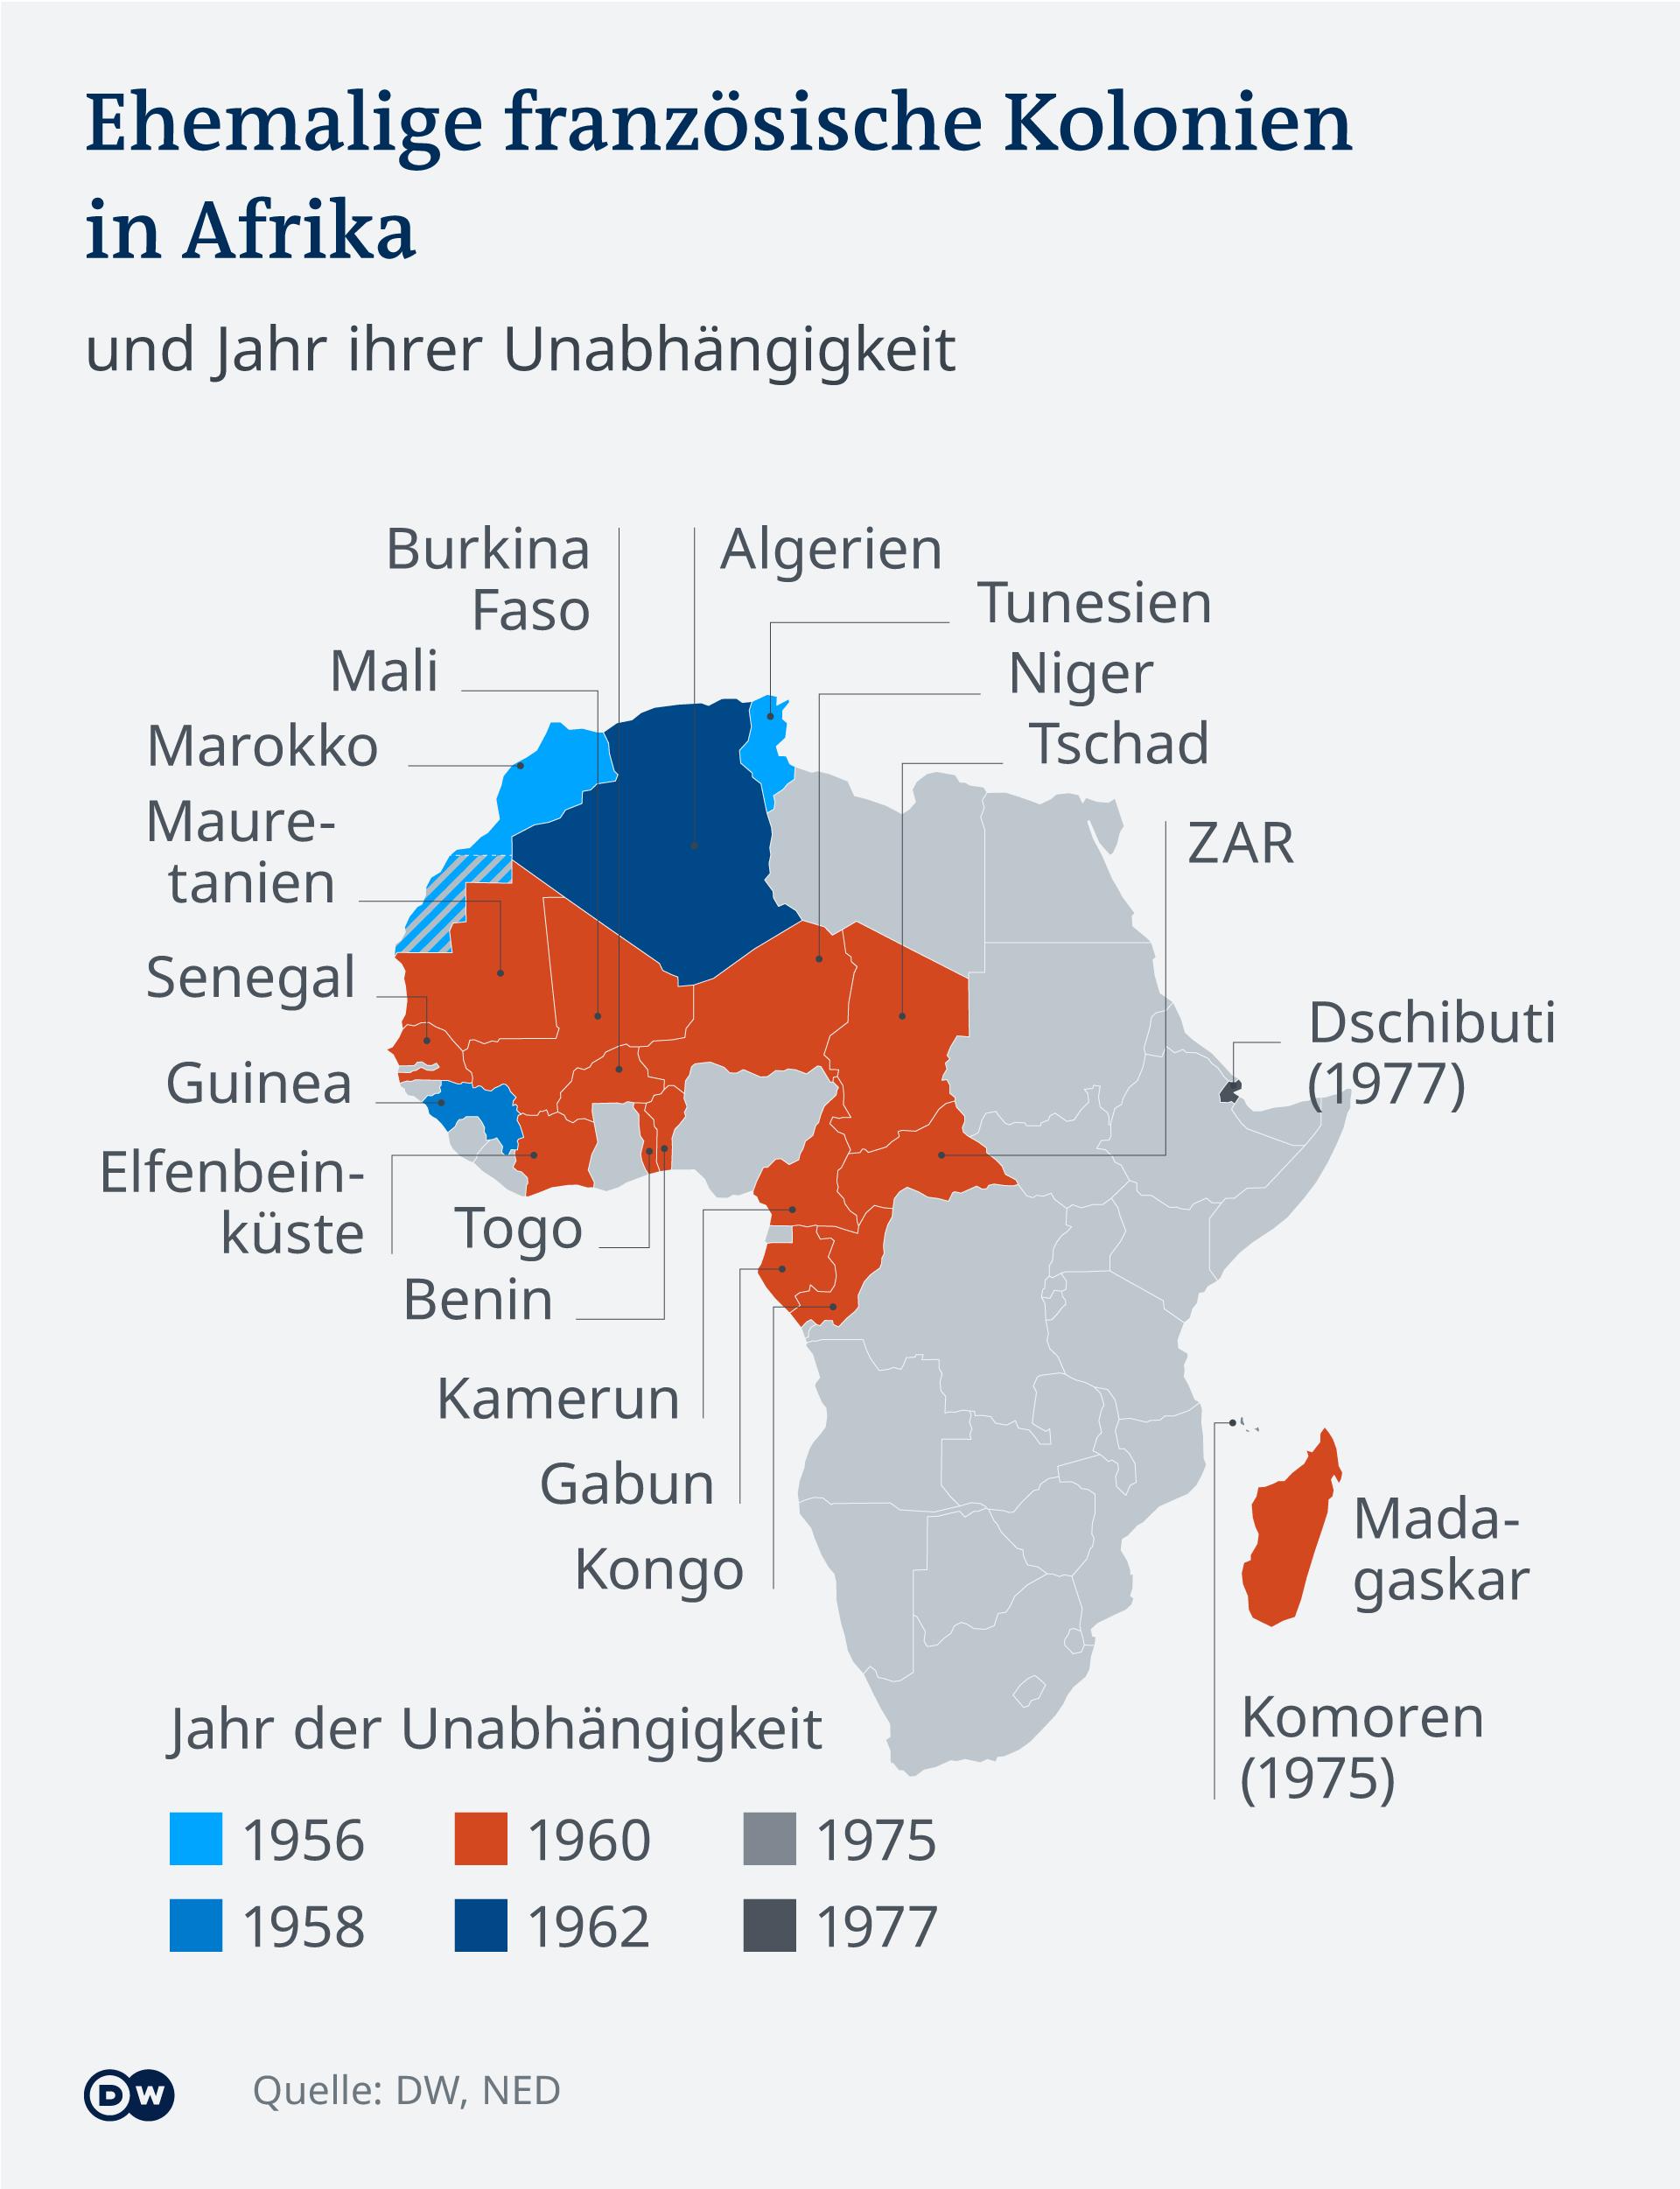 Infografik: Ehemalige französische Kolonien in Afrika und ihre Unabhängigkeit (DW Grafik)